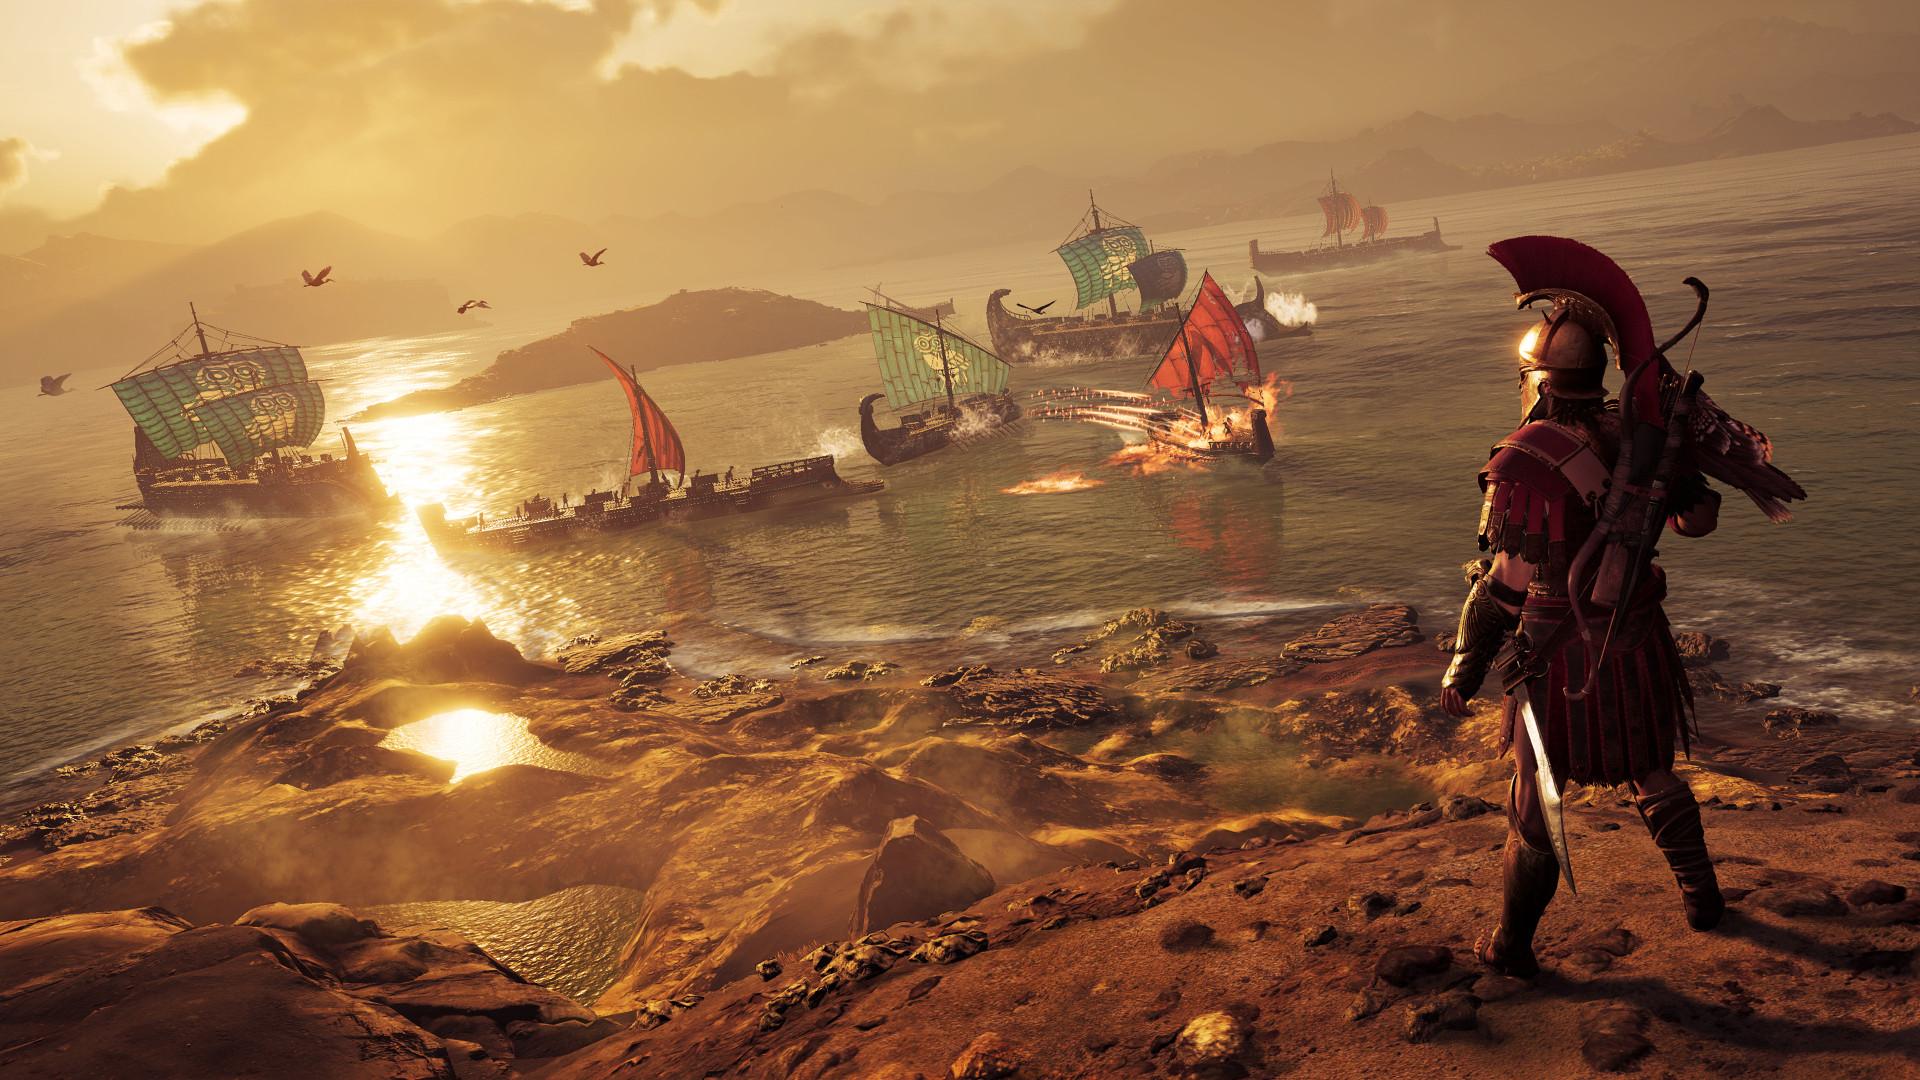 Карту из Assassin's Creed Odyssey сравнили с реальной картой Греции